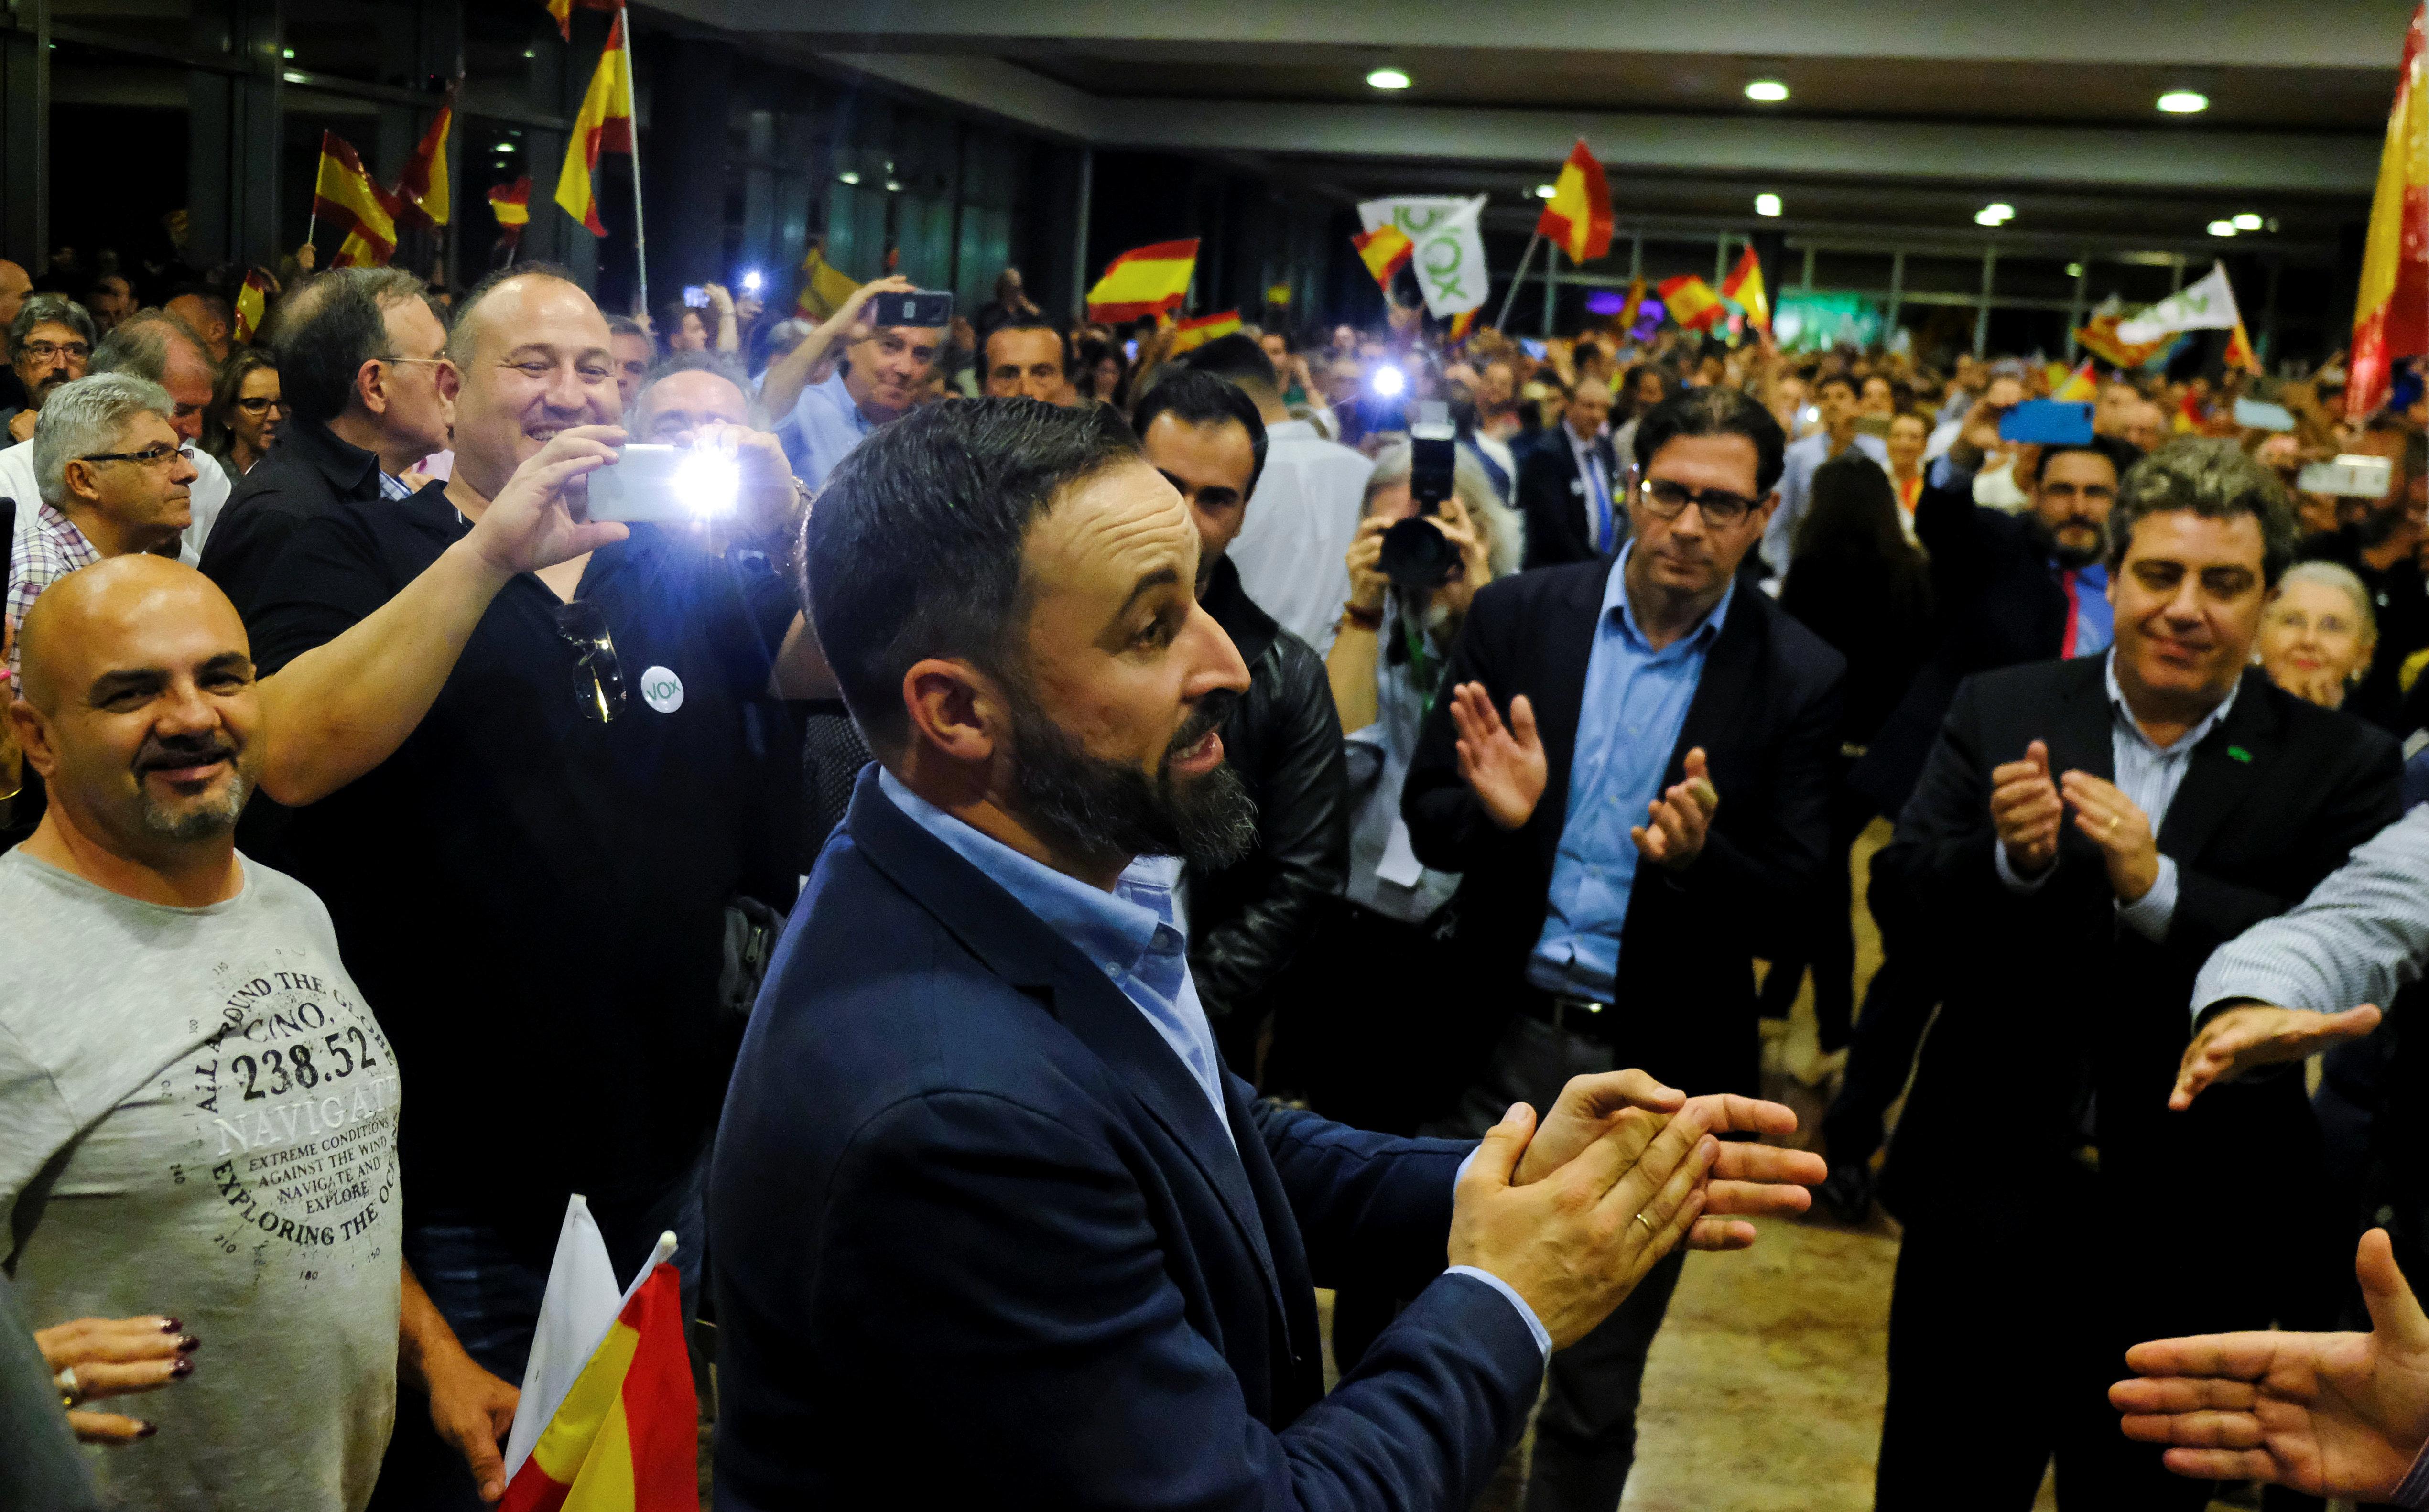 En Espagne, l'extrême droite entre en force au parlement régional